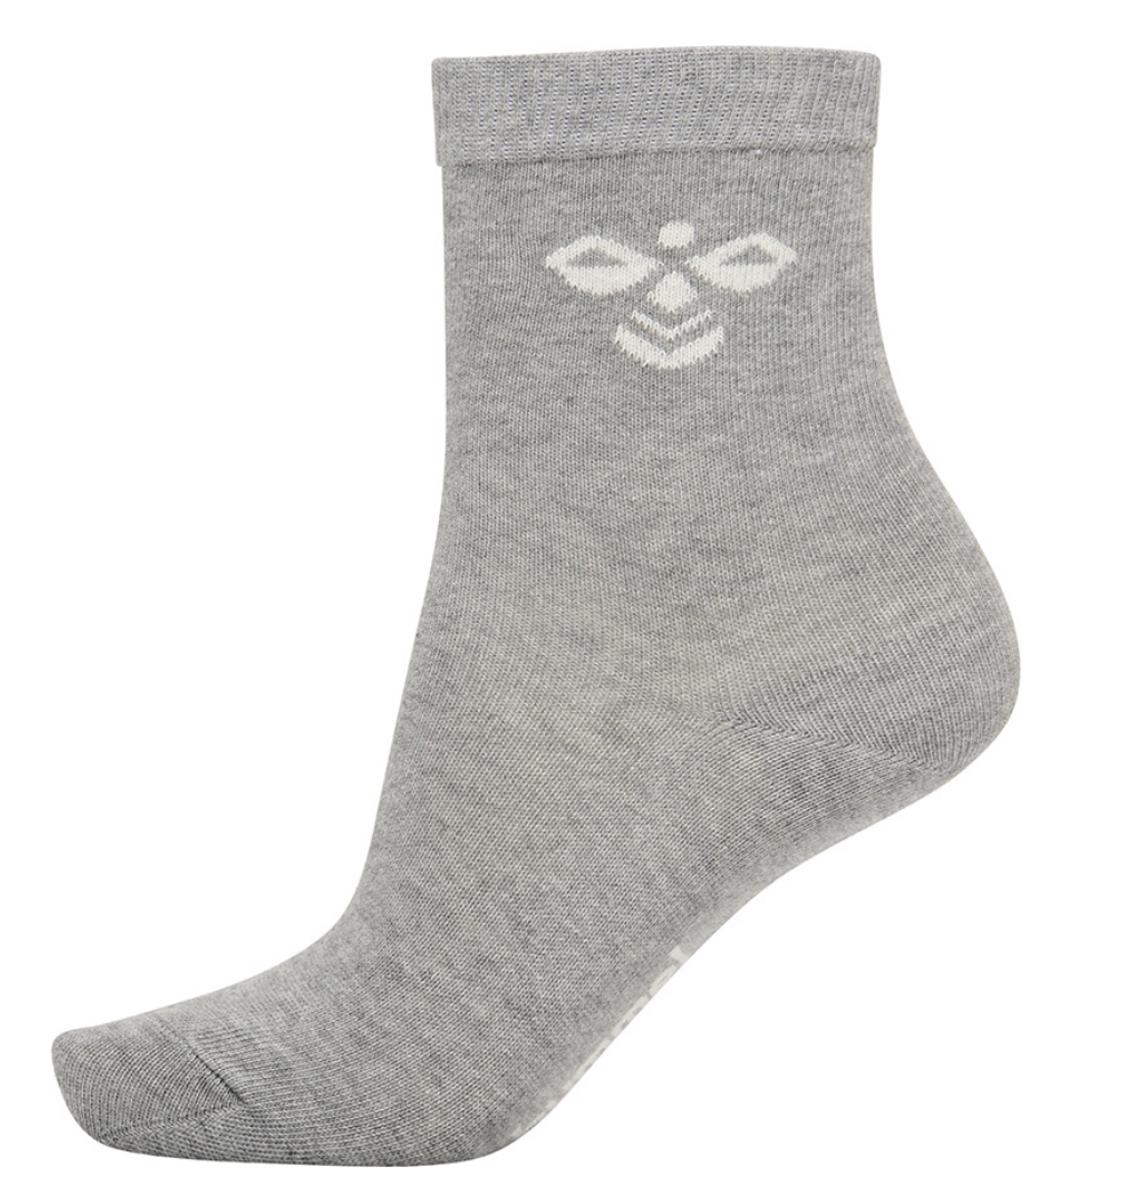 Sokker sutton grey